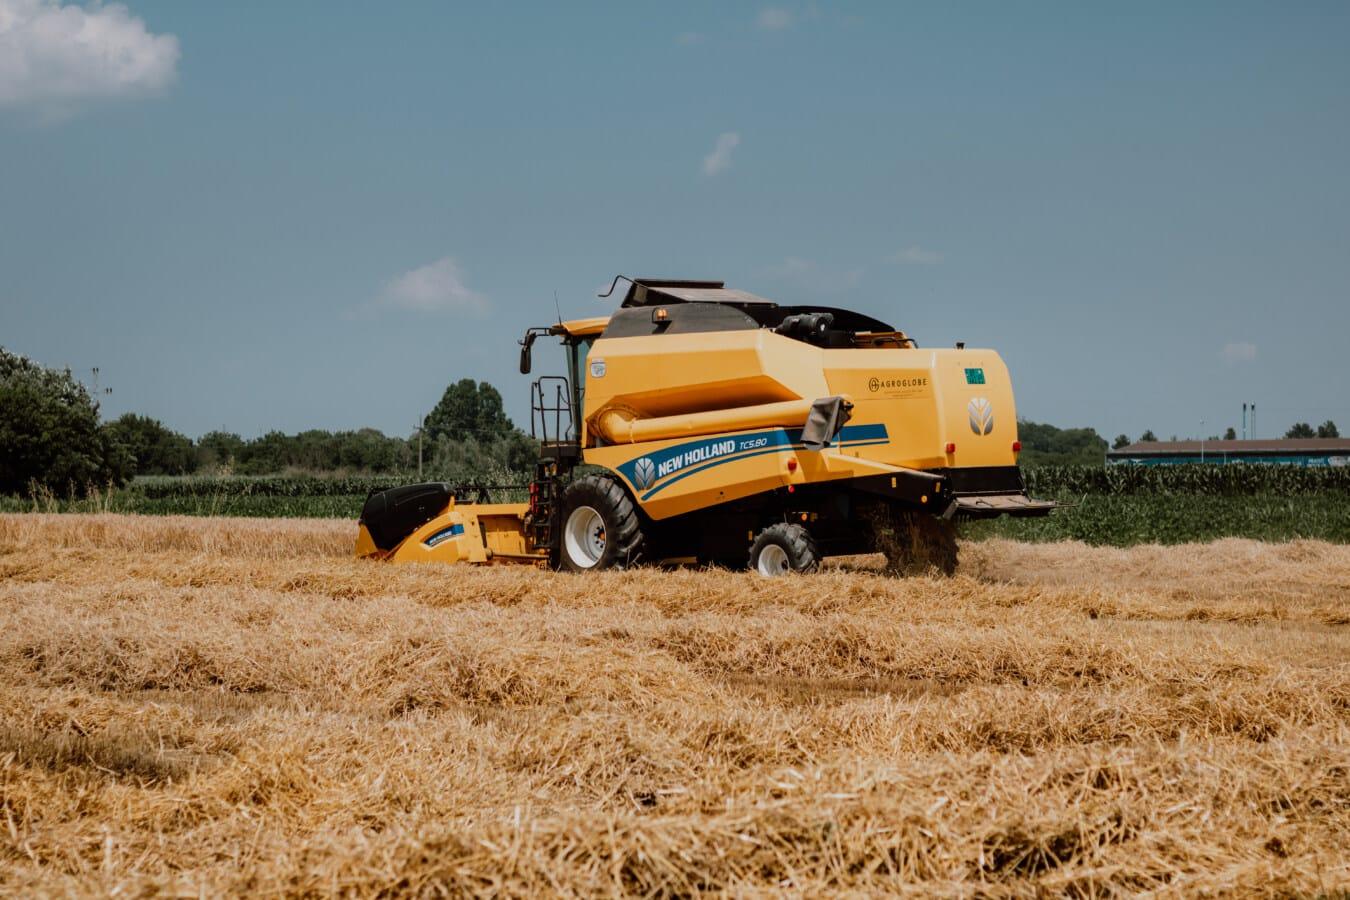 Branche, Maschine, Harvester, Ausrüstung, Maschinen, Weizen, Landwirtschaft, Stroh, Bauernhof, Boden